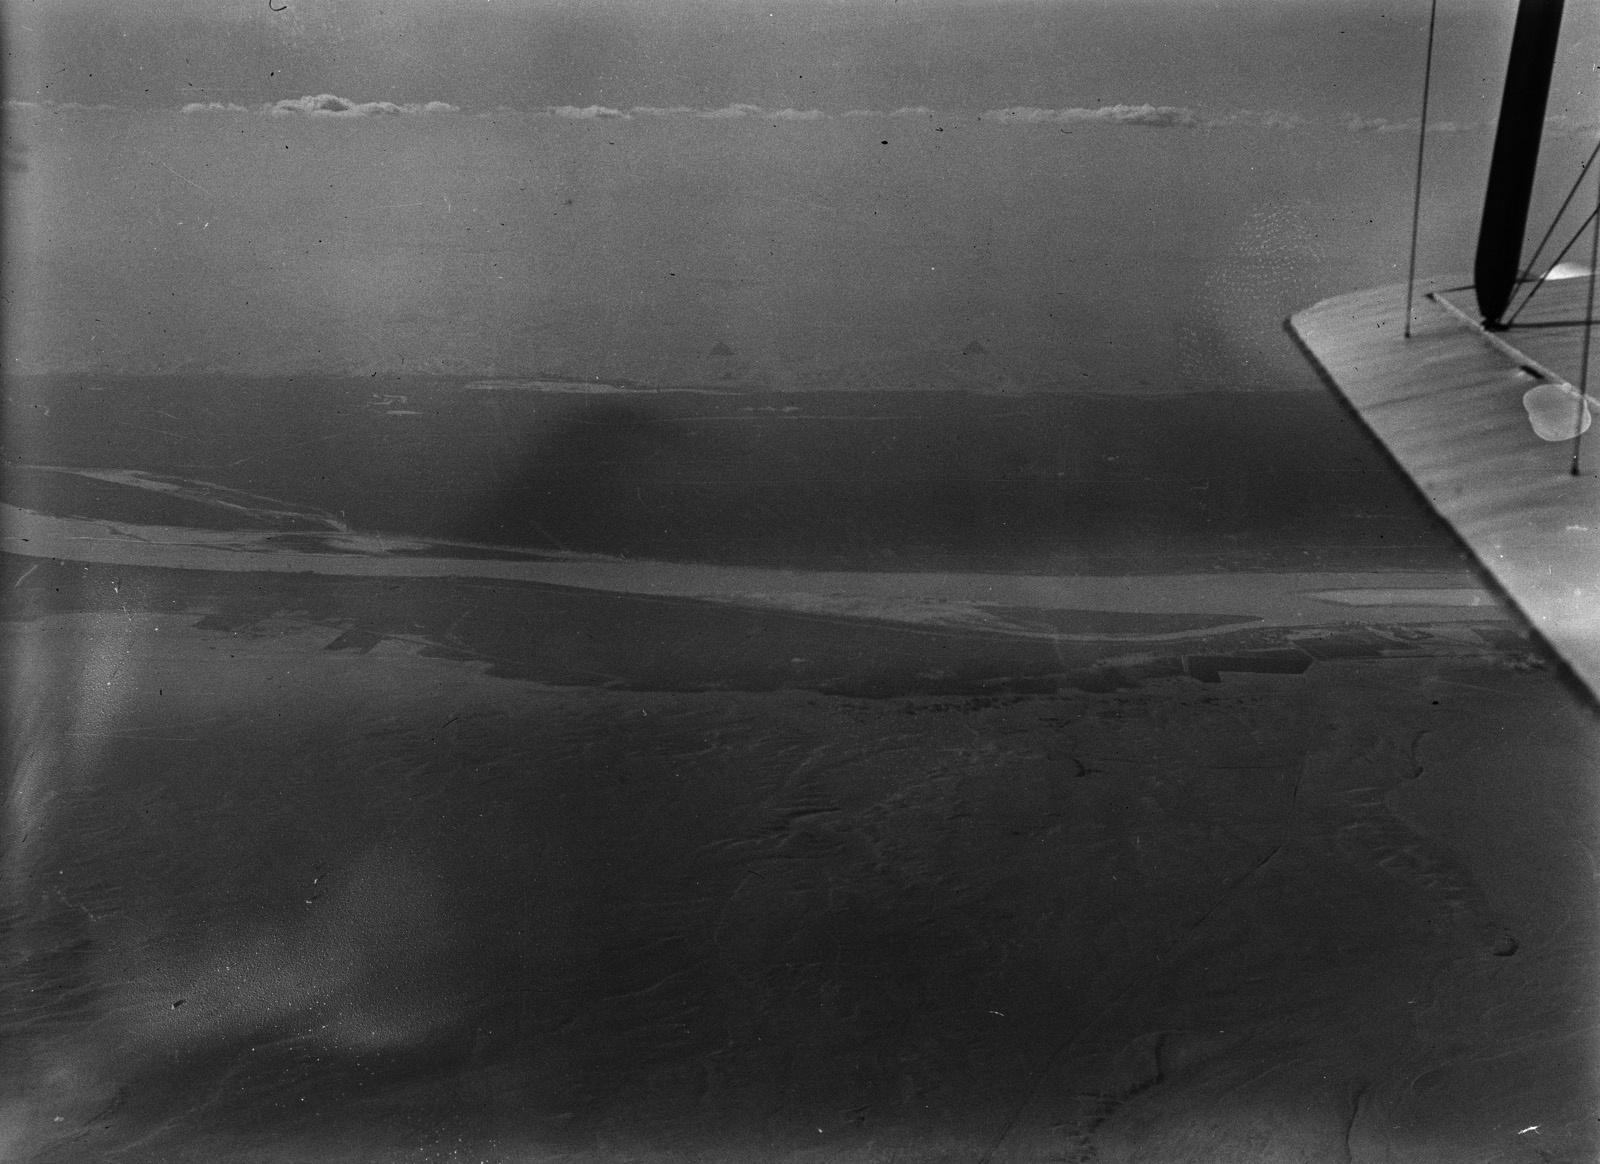 Египет. Перелет над долиной Нила около Каира. На заднем плане две пирамиды